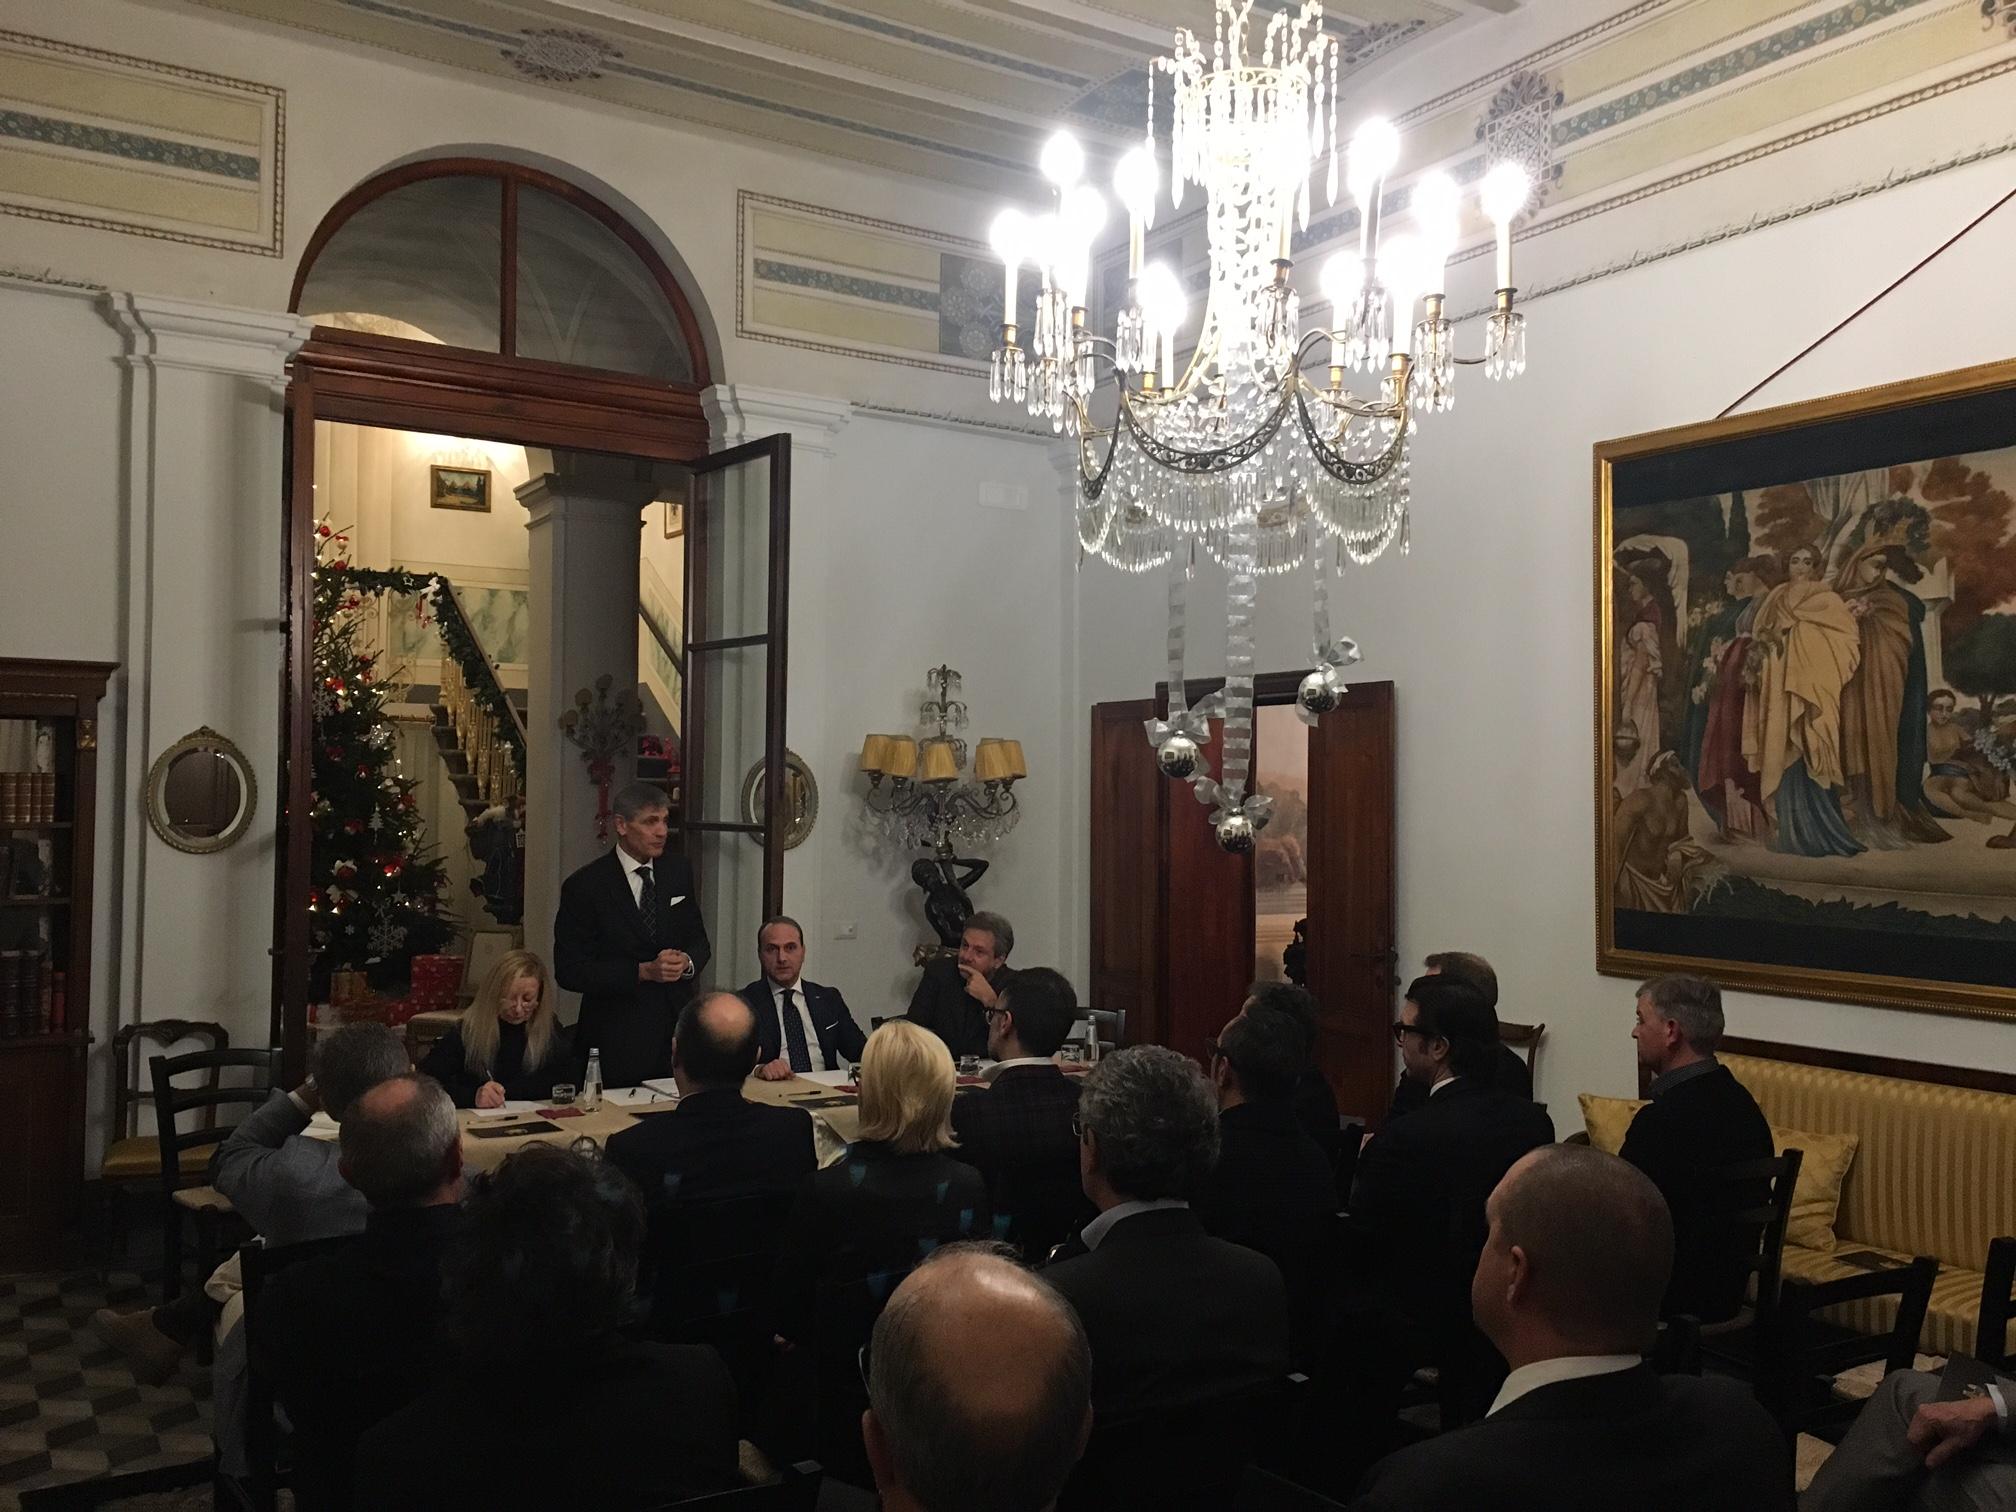 Riunione Consiglio Direttivo – Prato 13 dicembre 2016 – (15-12-2016)